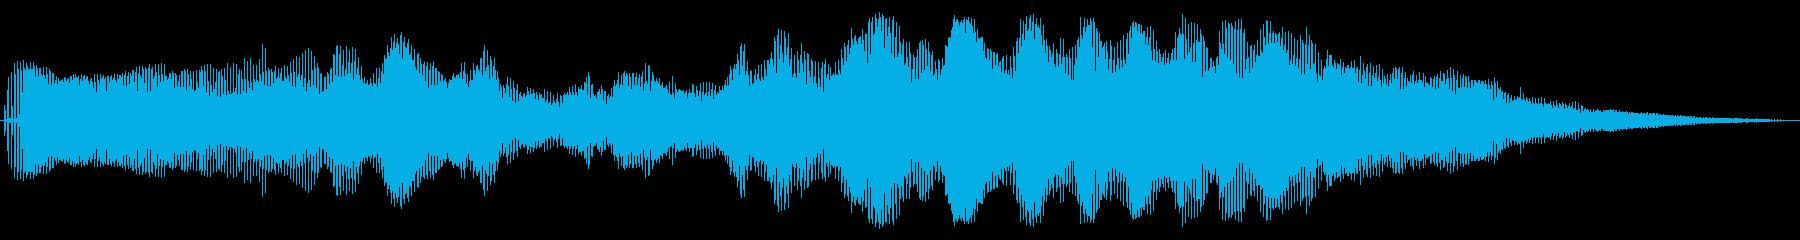 電子振動層状音の変化の再生済みの波形